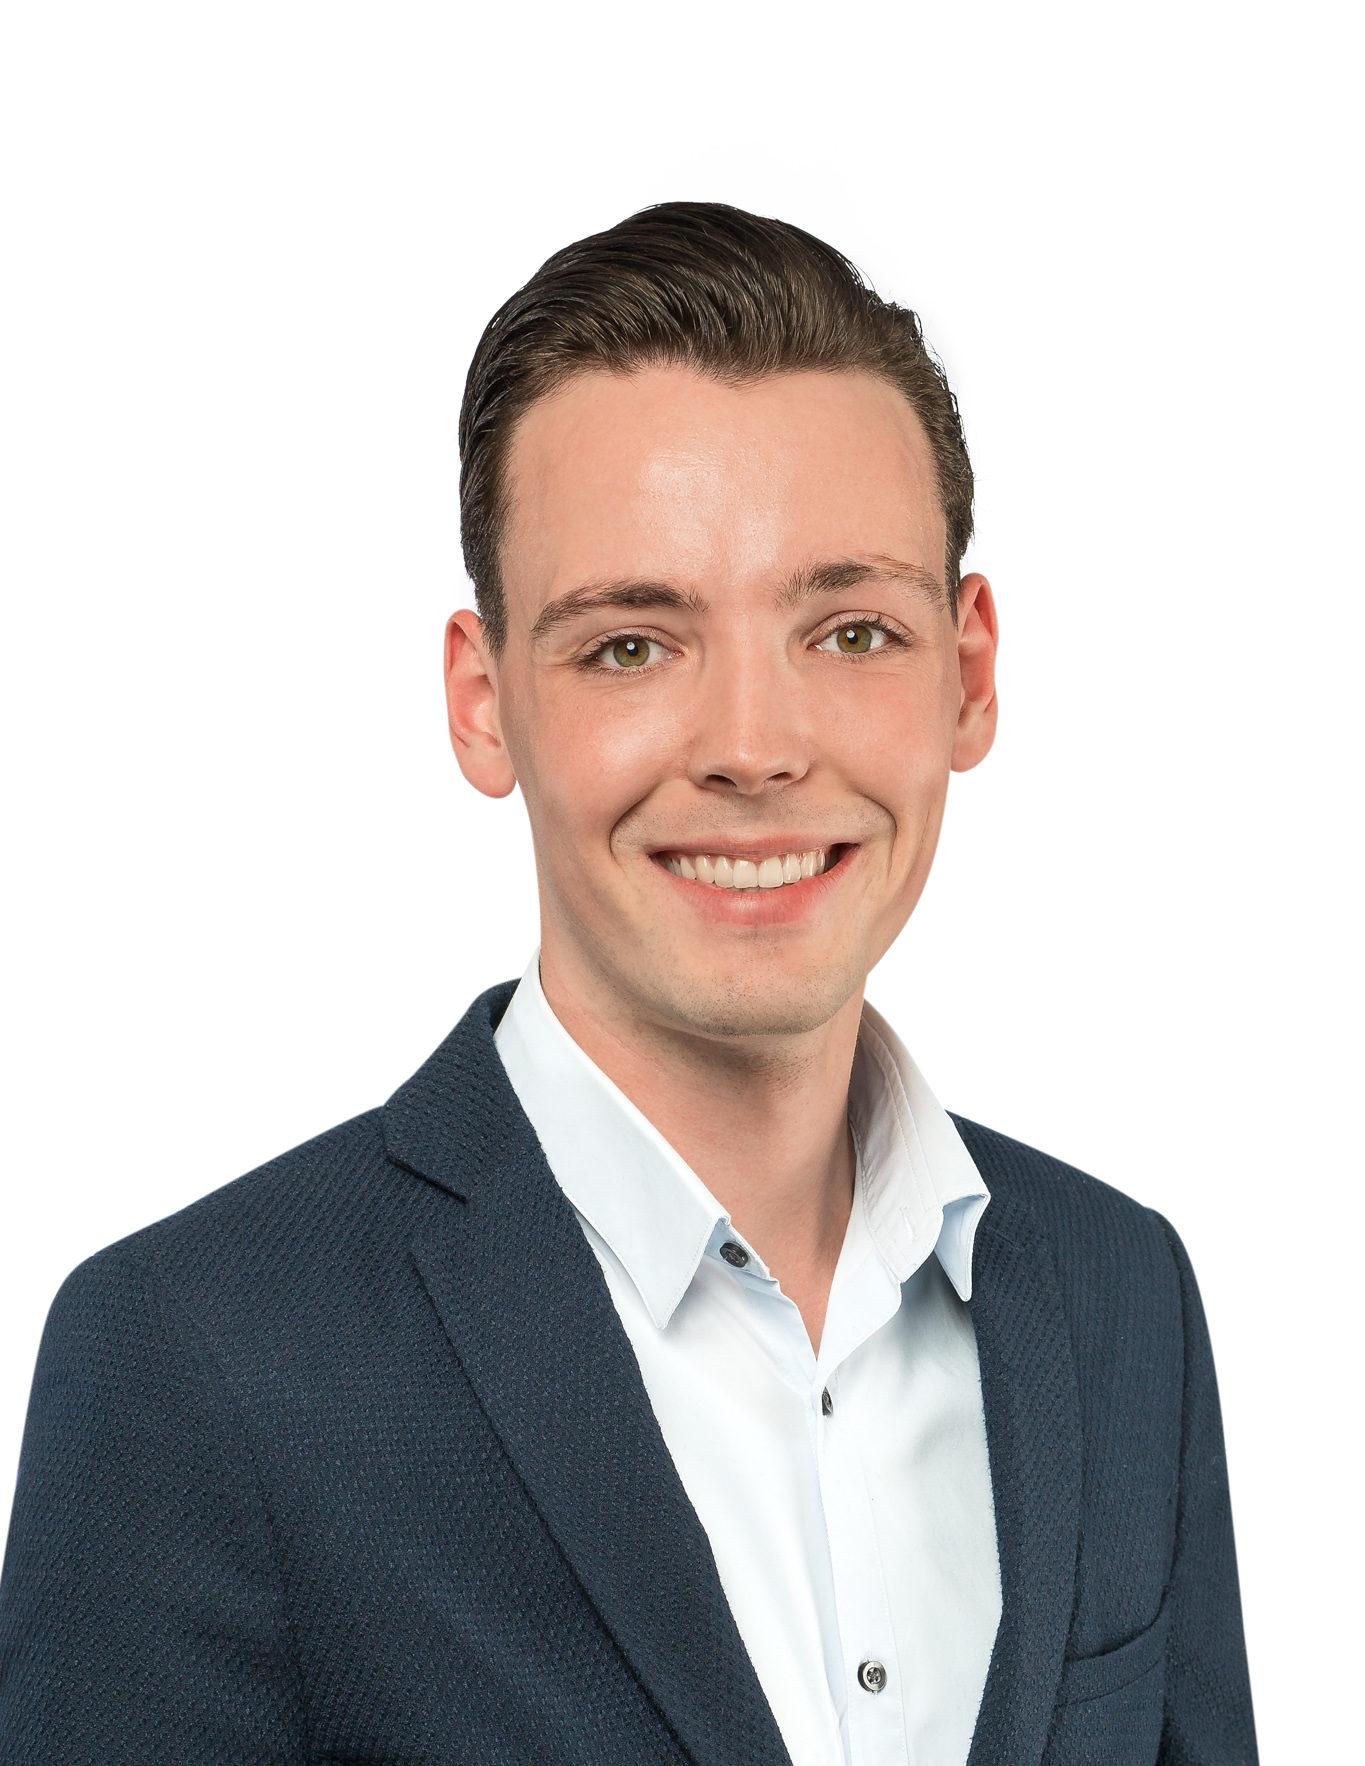 Portretfoto van medewerker Thomas Pulles